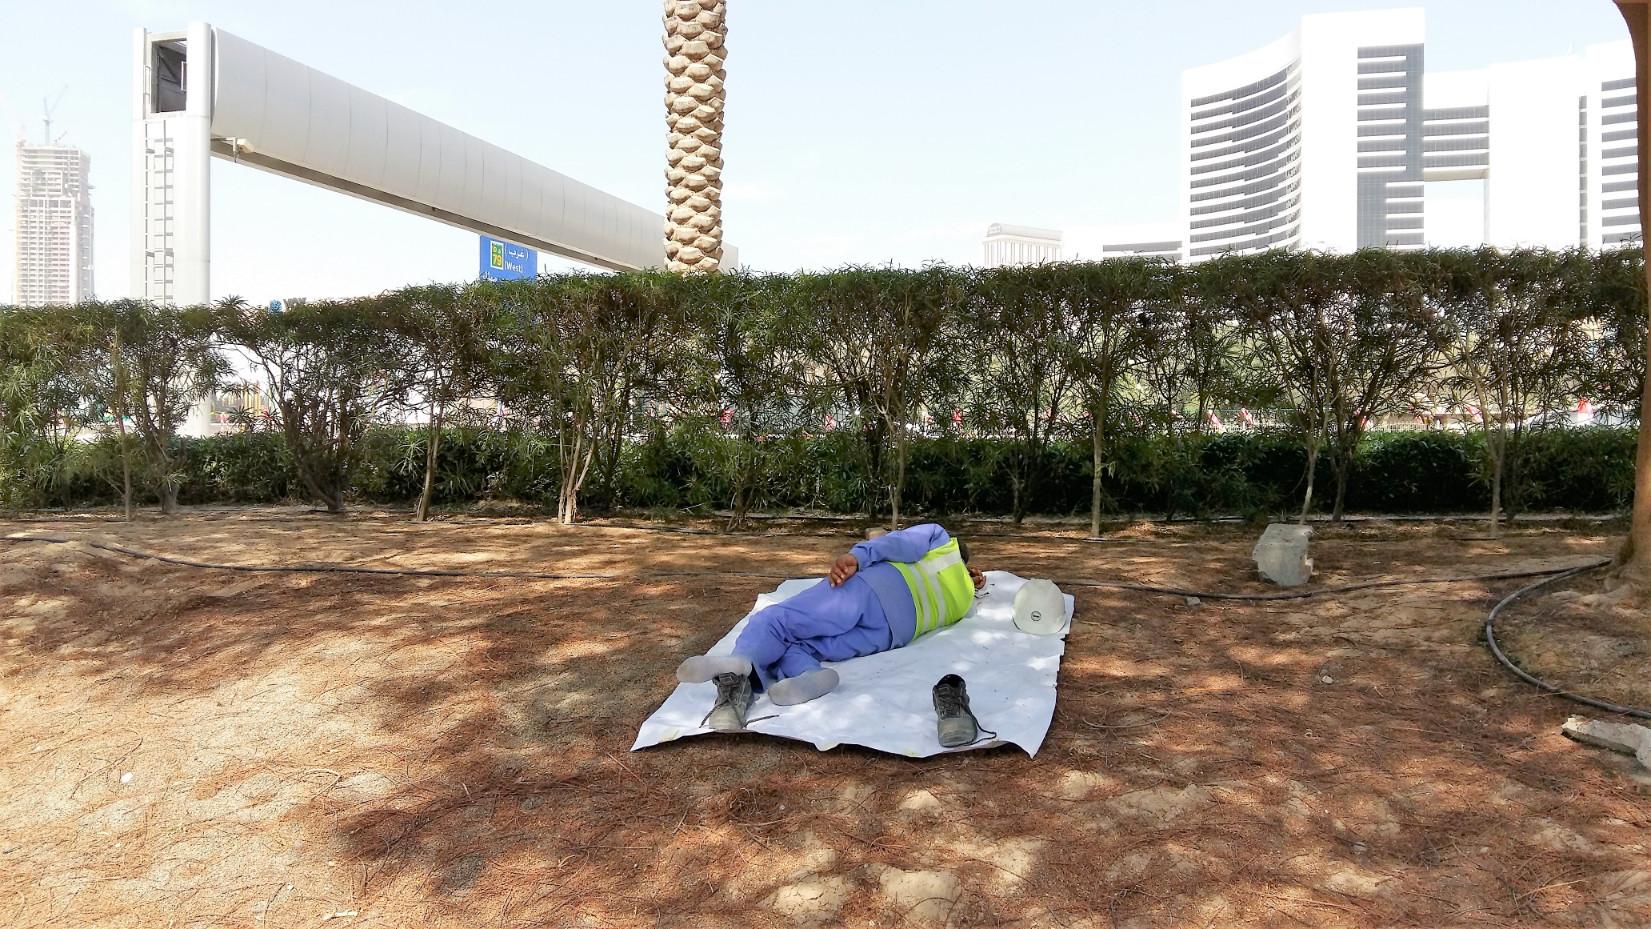 Pihenő munkás: nem lustálkodik, hanem pihenőidejét tölti